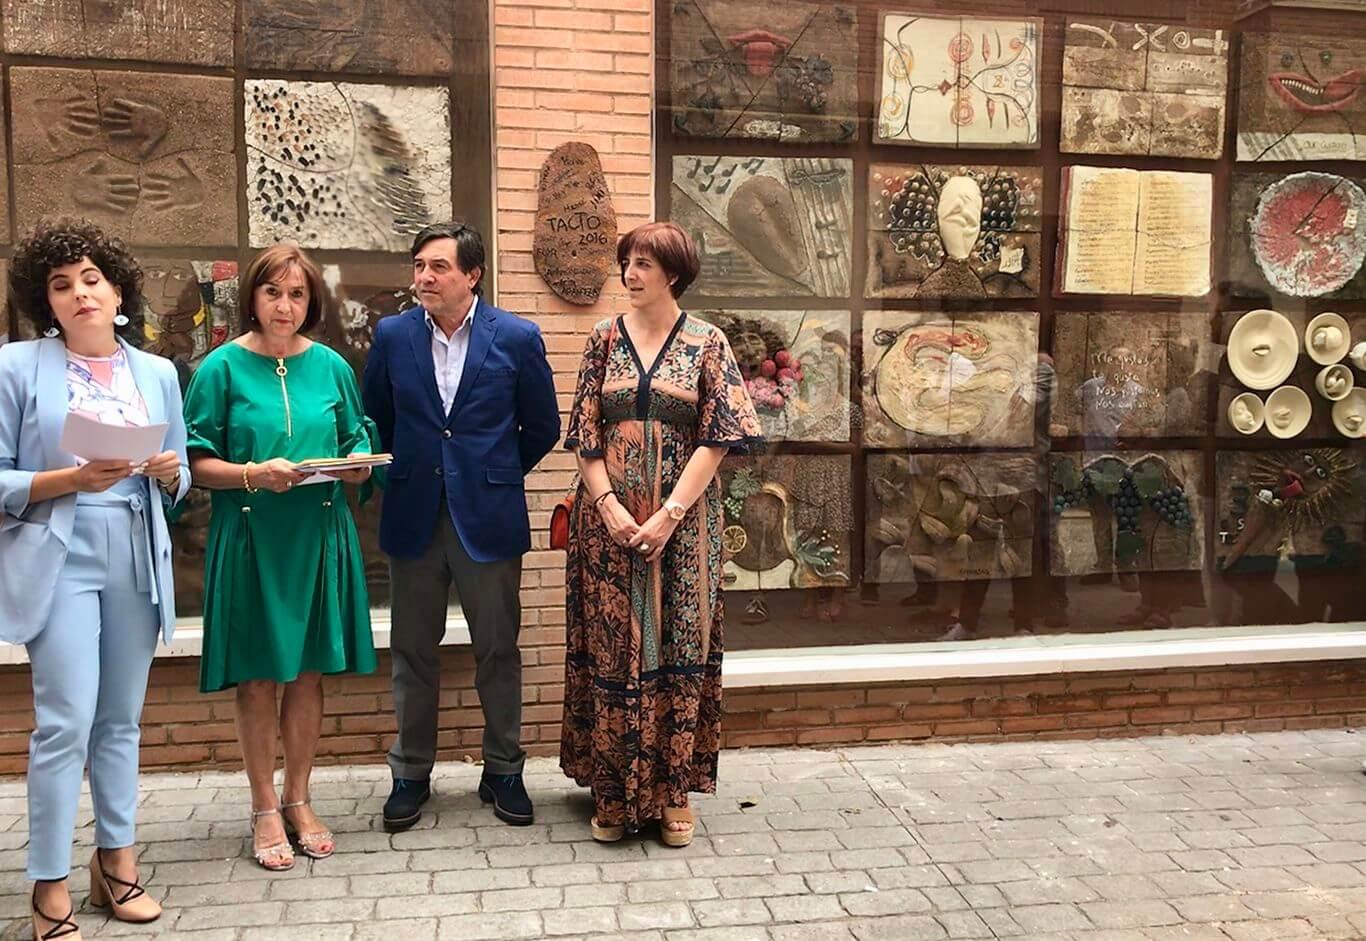 Inaugurada la Feria N.A.C.E. de Navarrete dedicada a Pablo Picasso 1